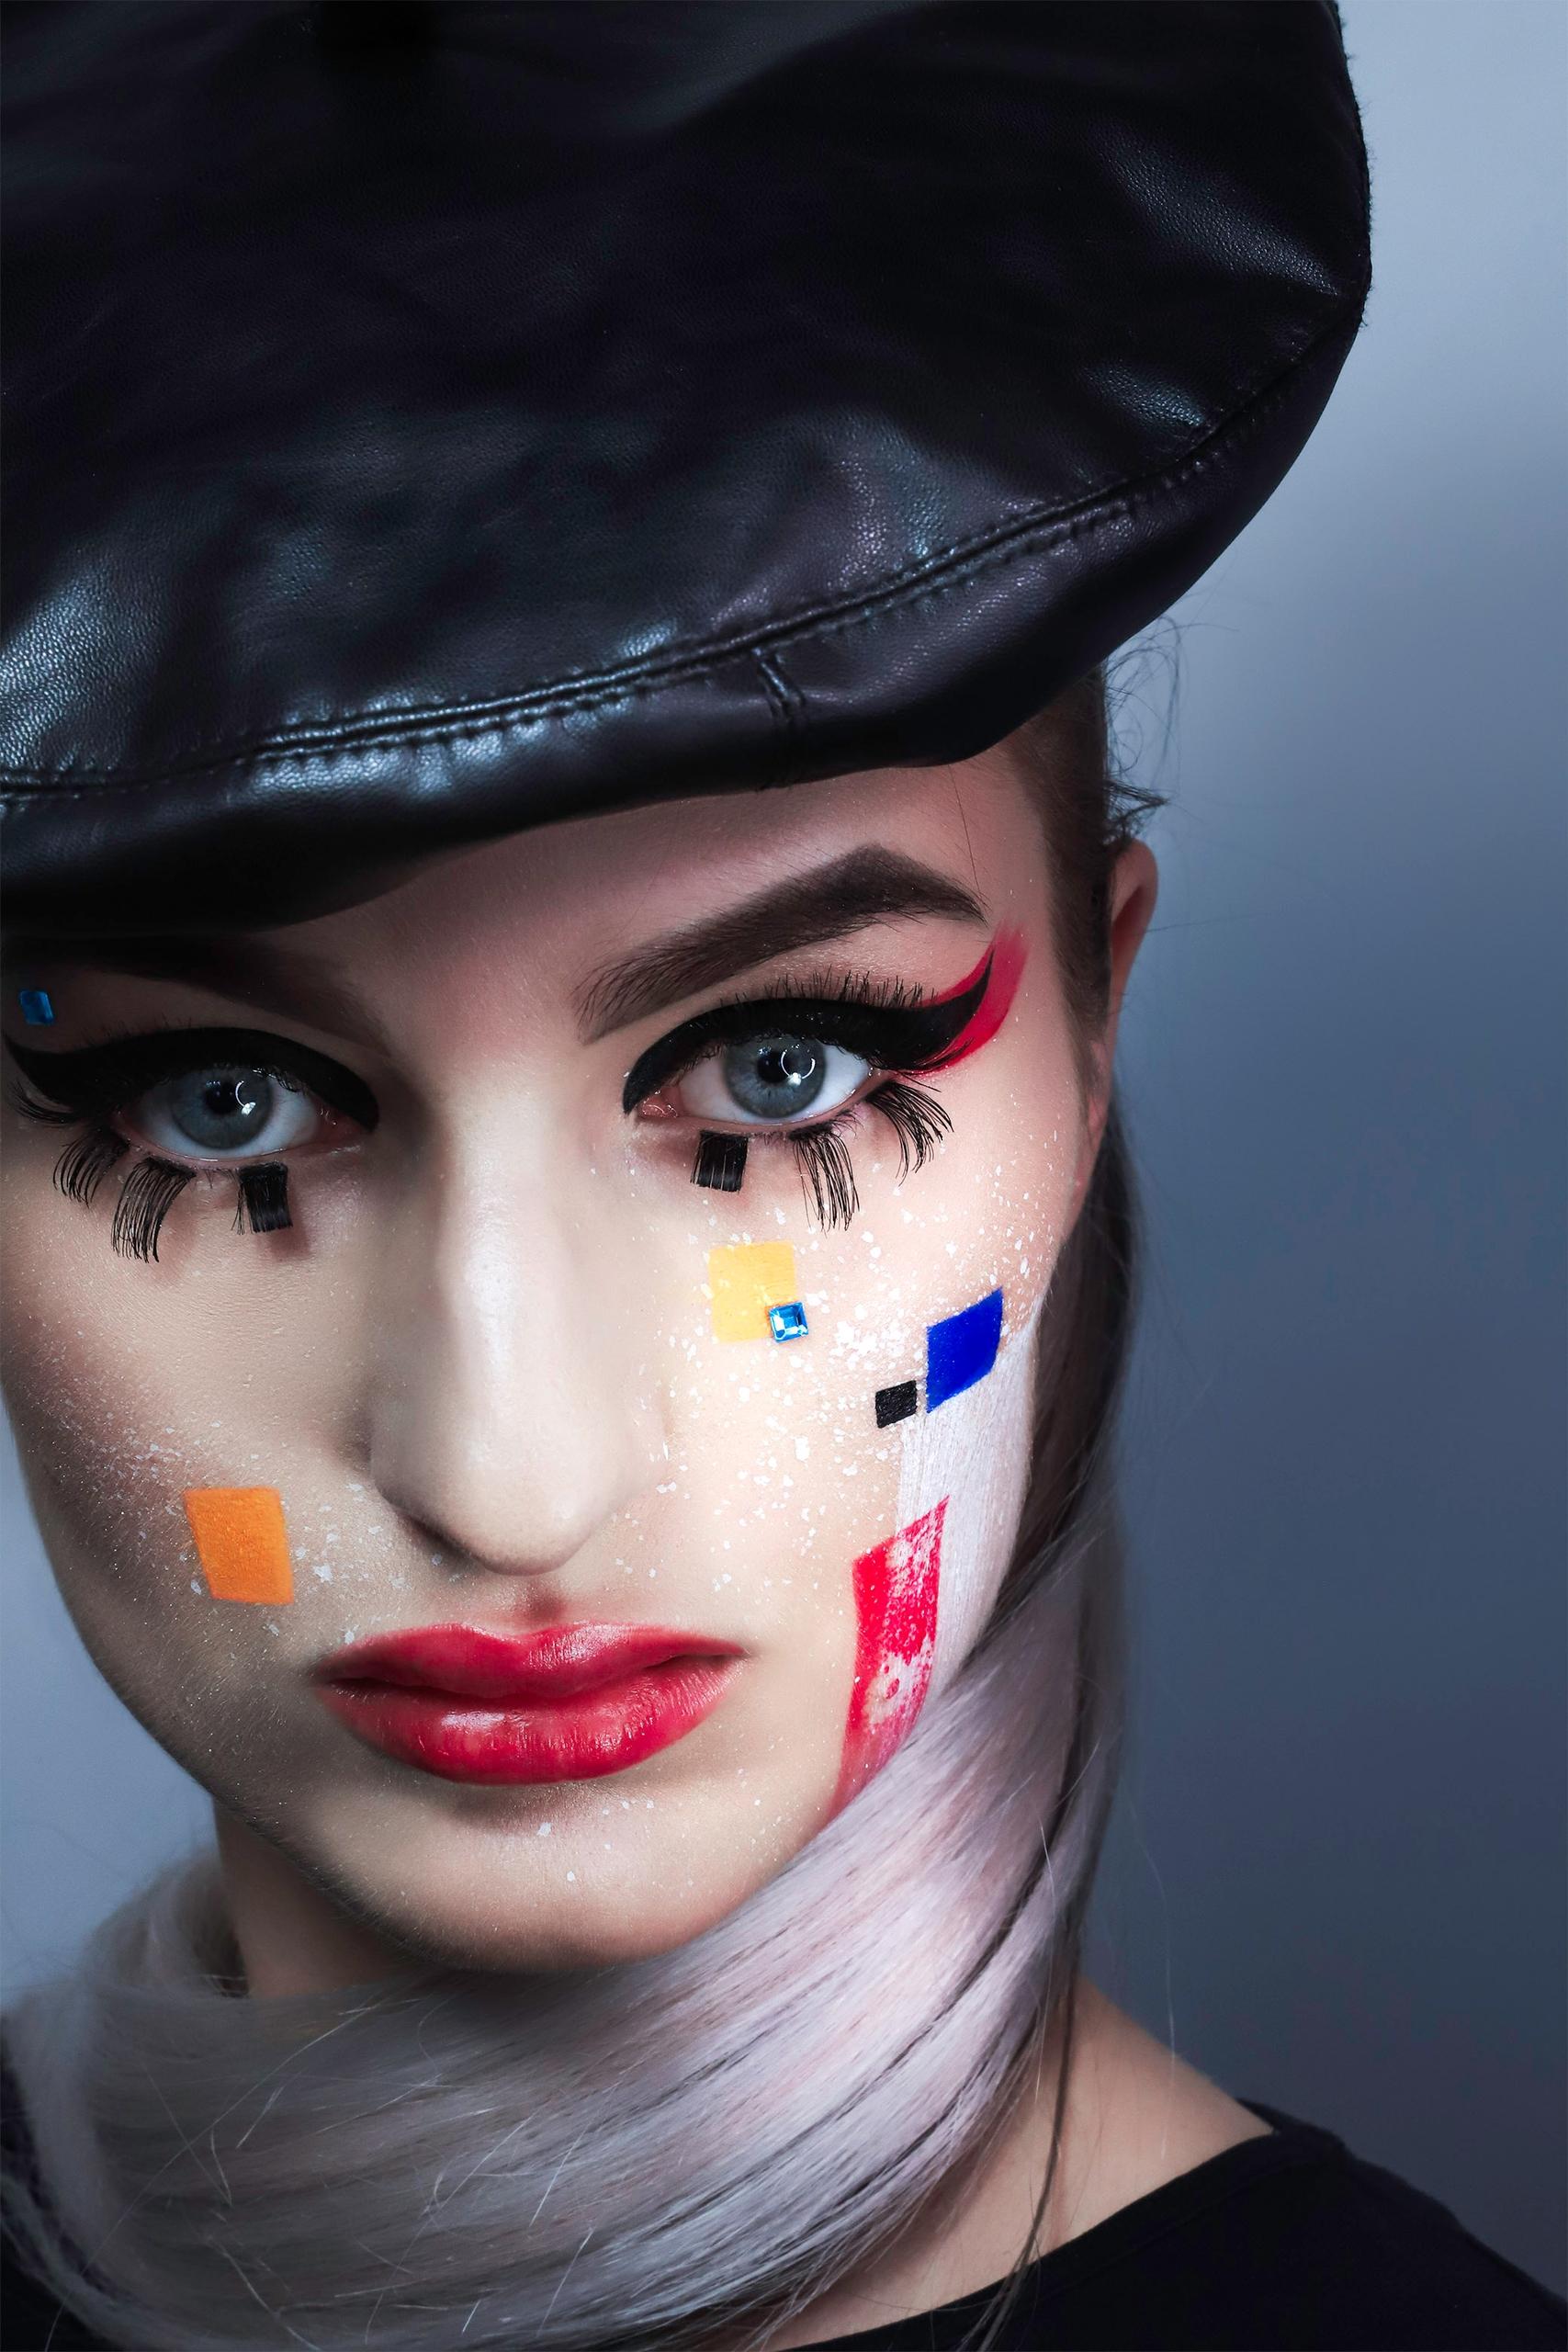 Zdjęcie przedstawia portret kobiety w kolorowym makijażu. Kobieta ma na sobie czarną bluzkę i beret.